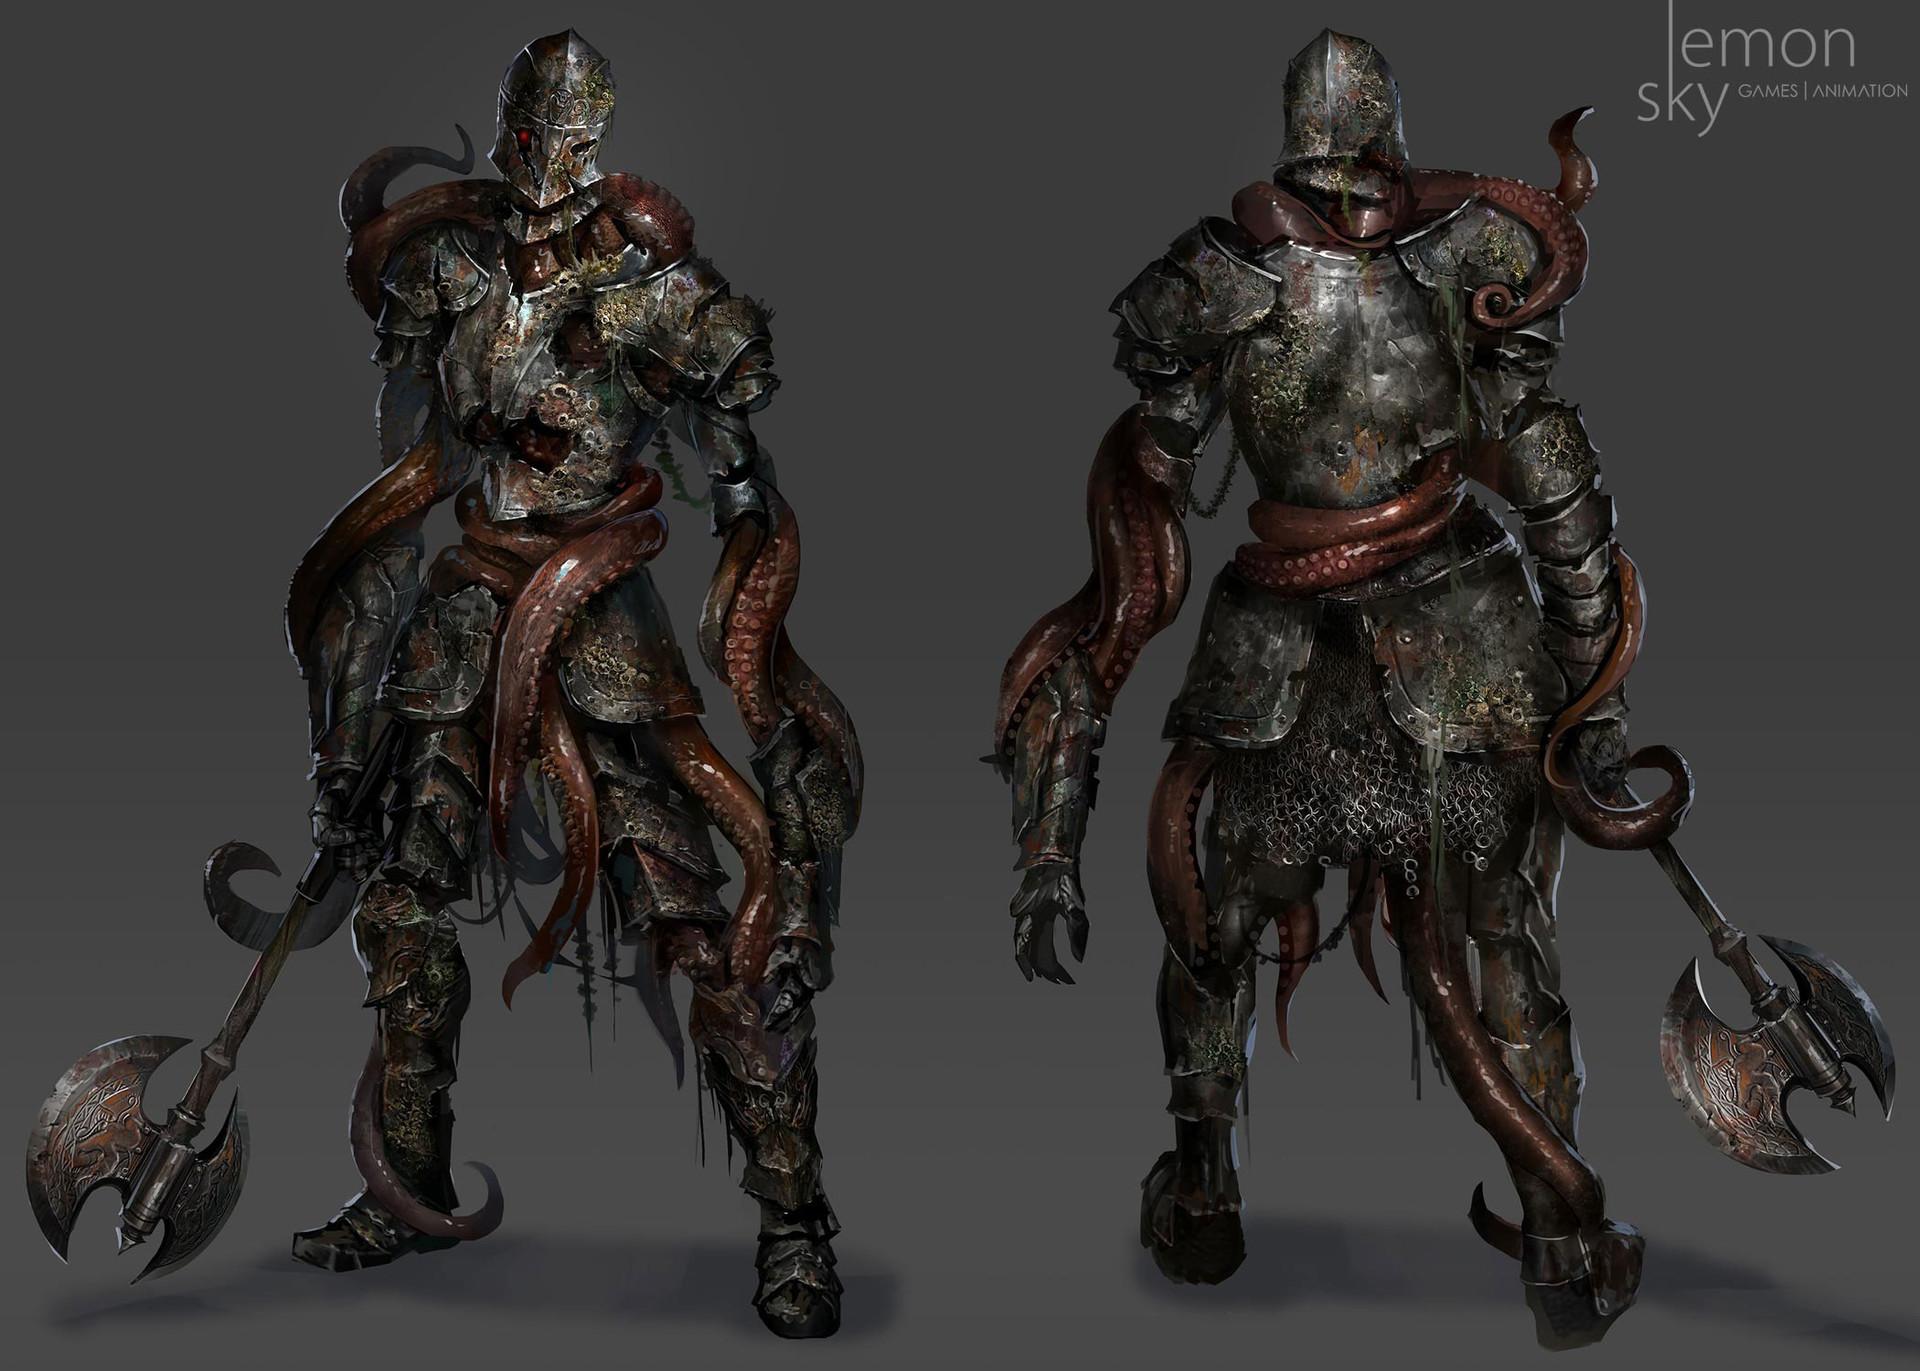 Jeremy chong lemonsky fromsoft darksoul conceptart creature02 b2